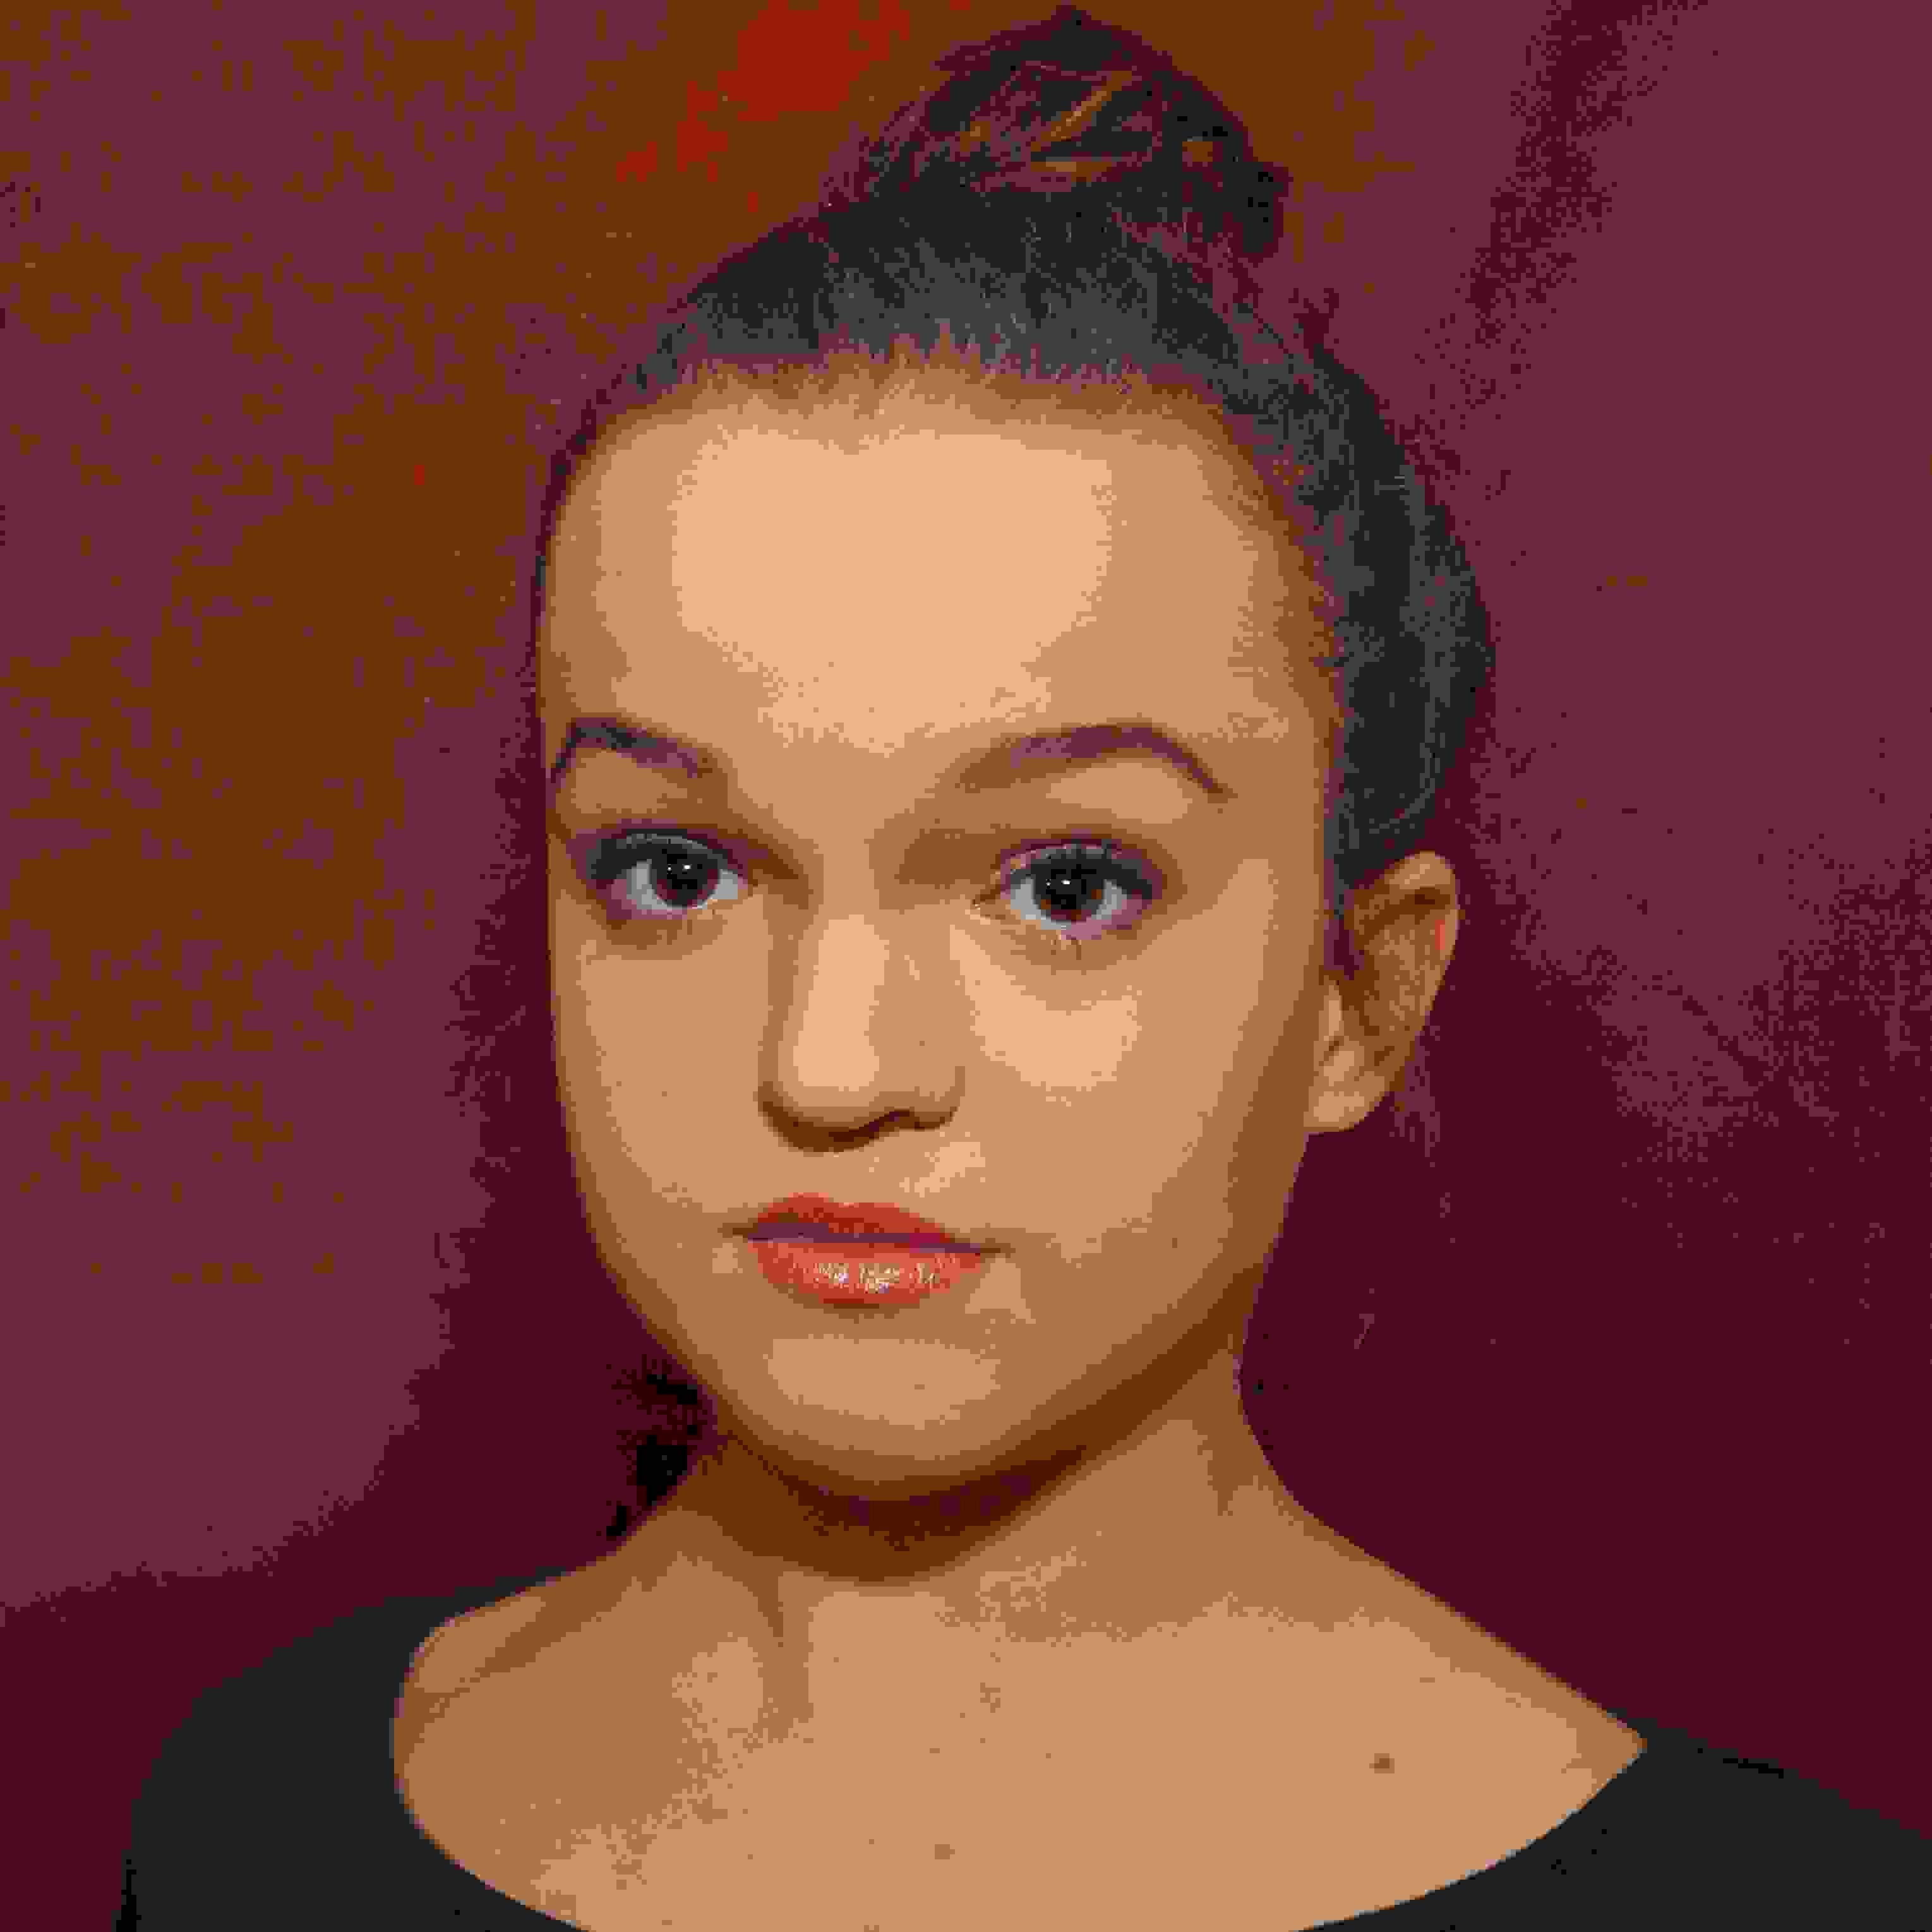 Sarah Keenahan